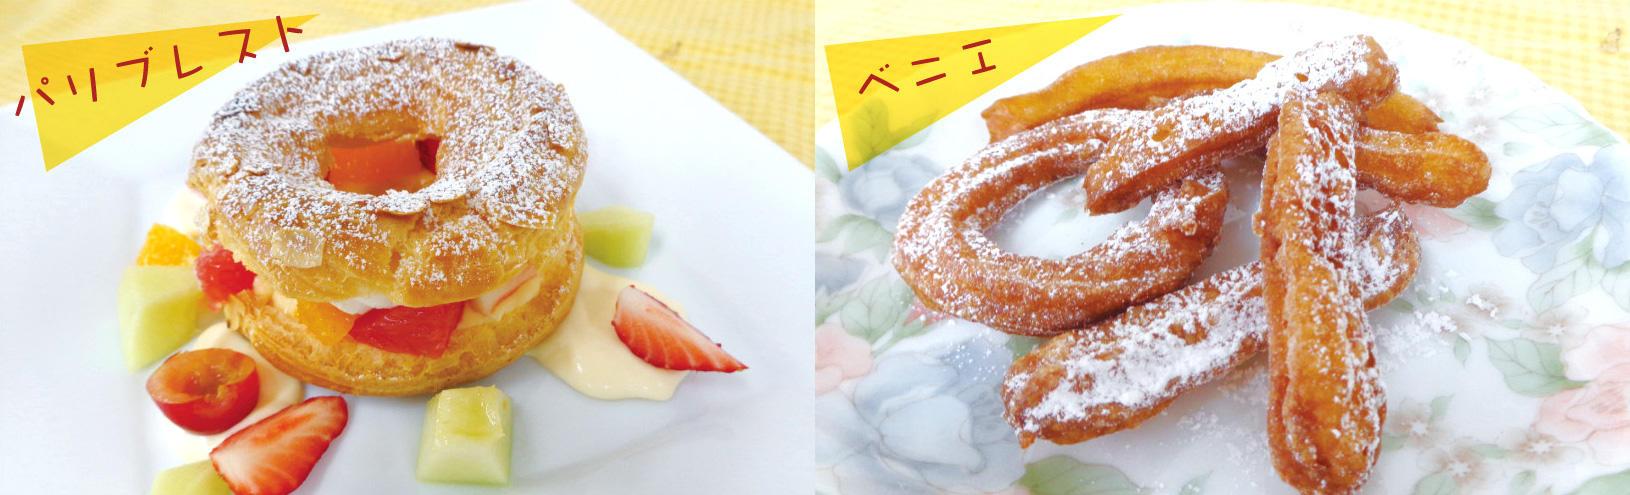 パリブレストとベニエ(揚げ菓子)